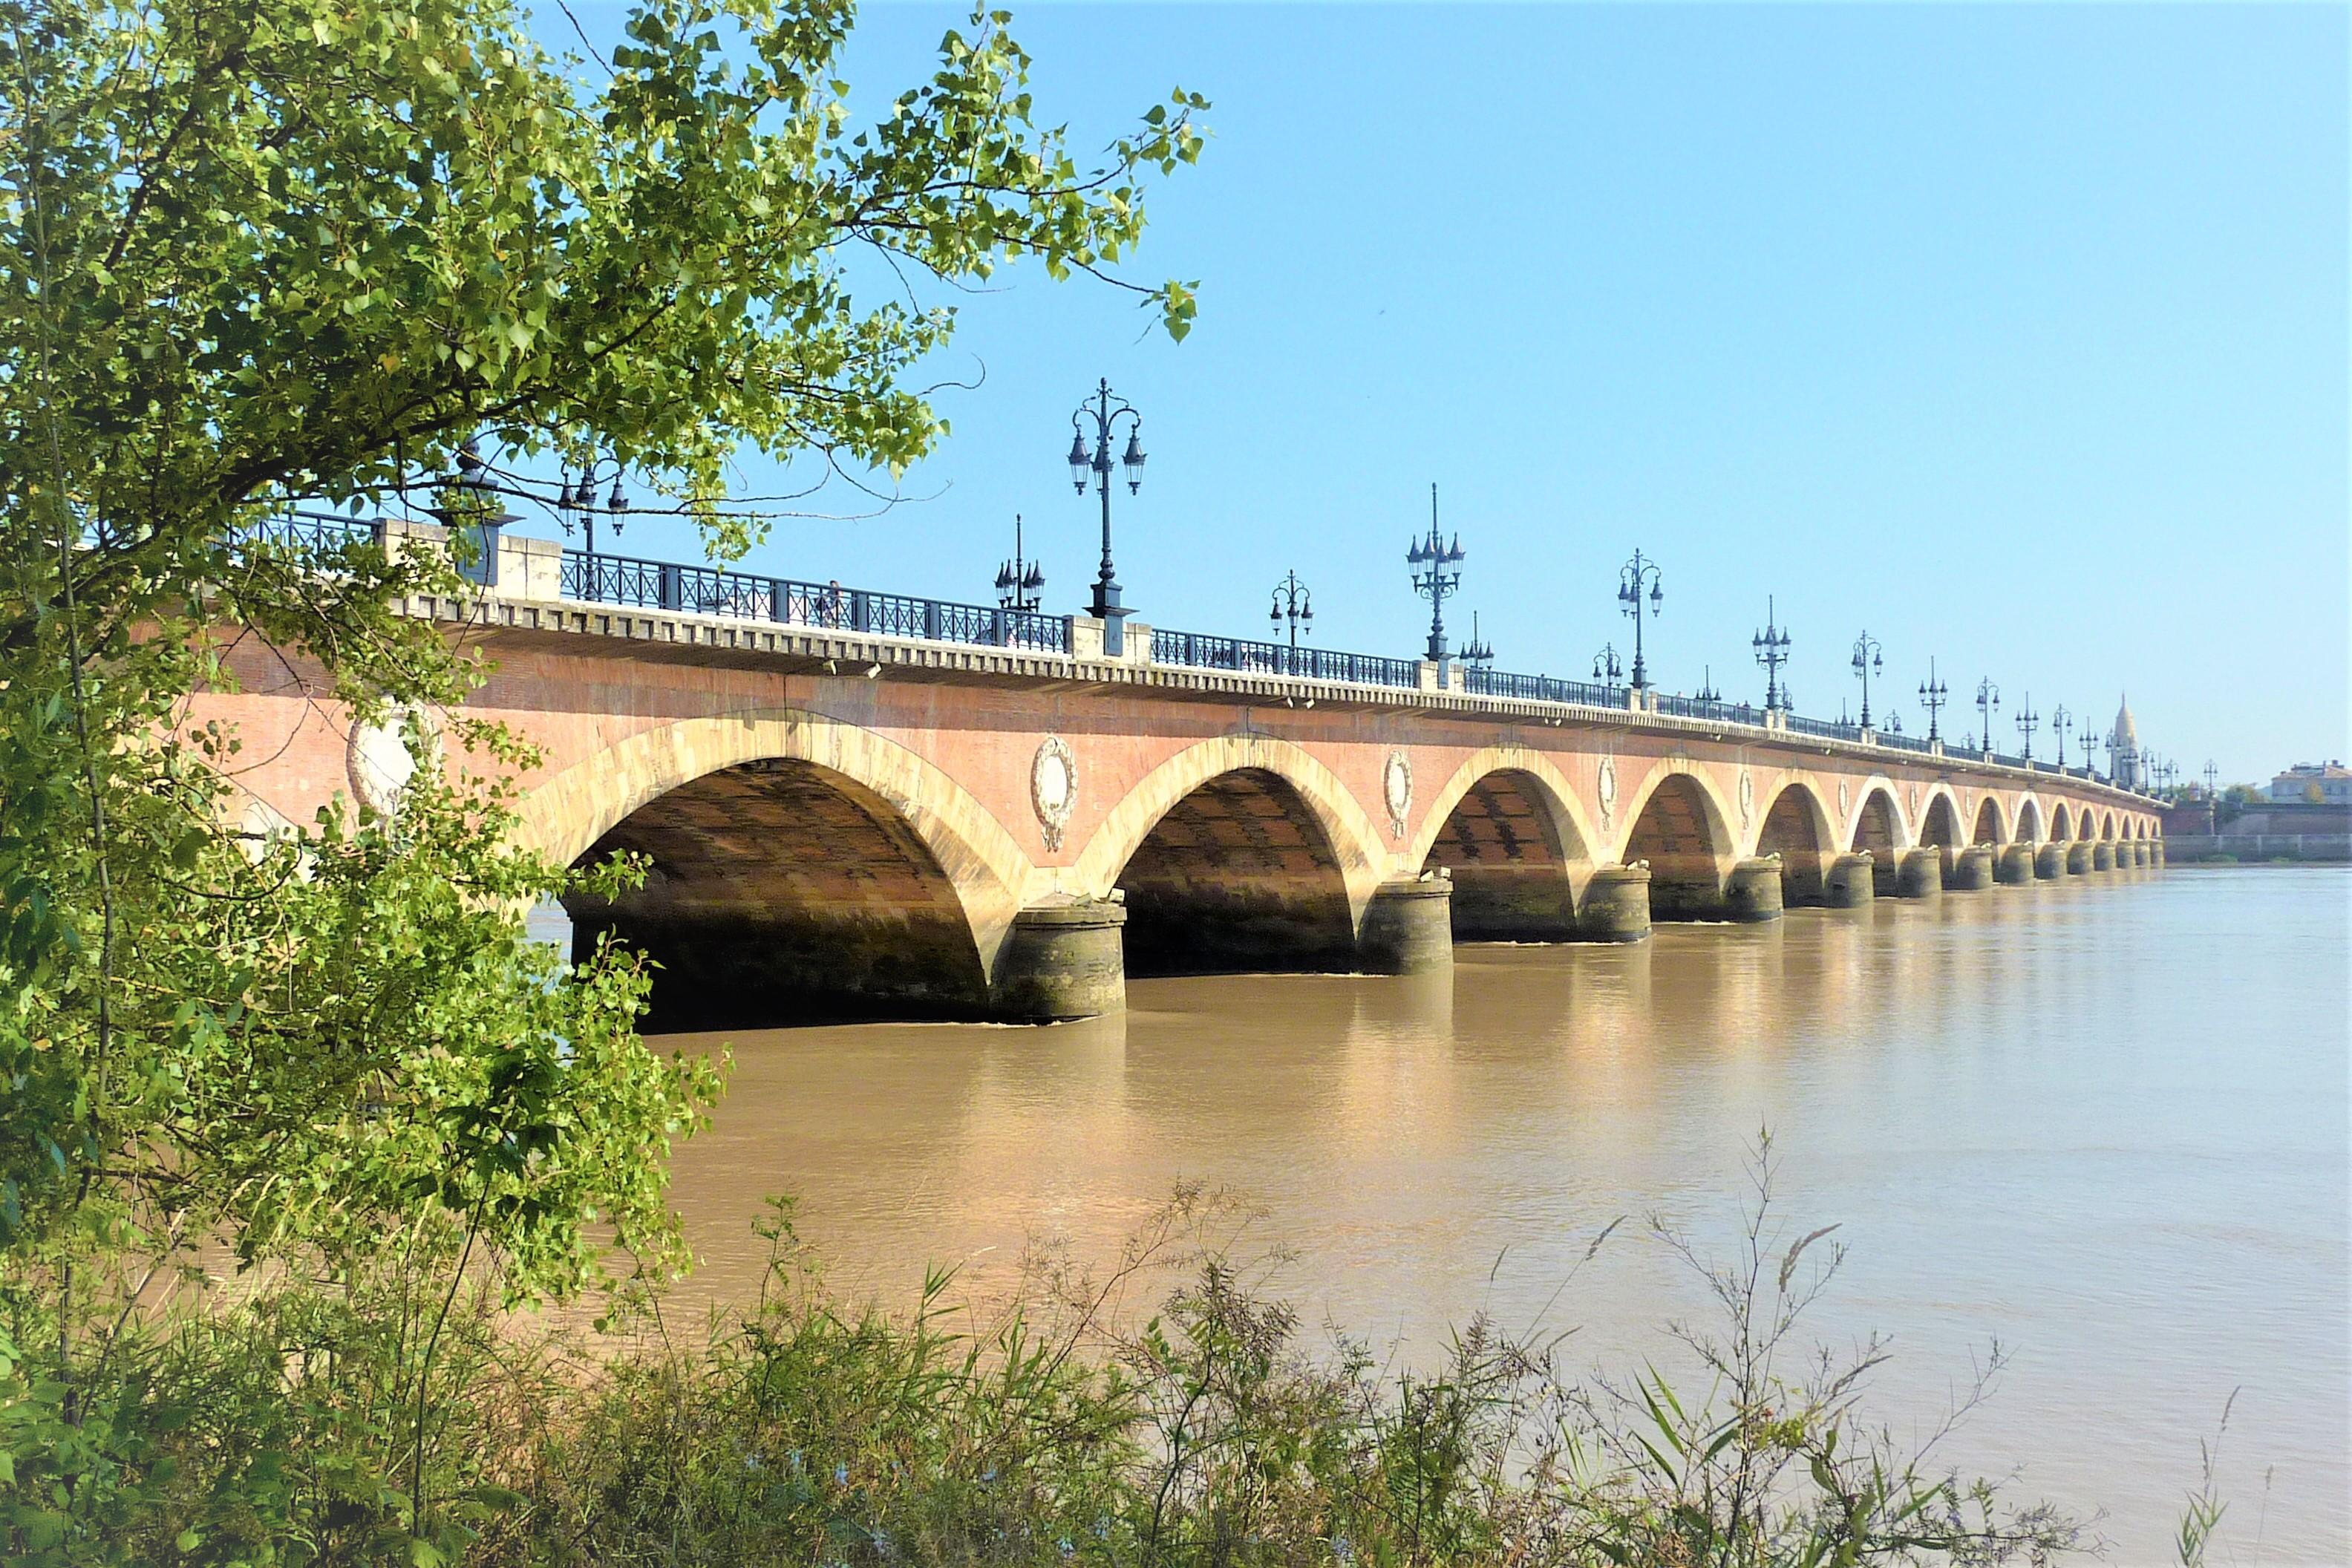 Comment Fabriquer Un Petit Pont En Bois pont de pierre (bordeaux) — wikipédia